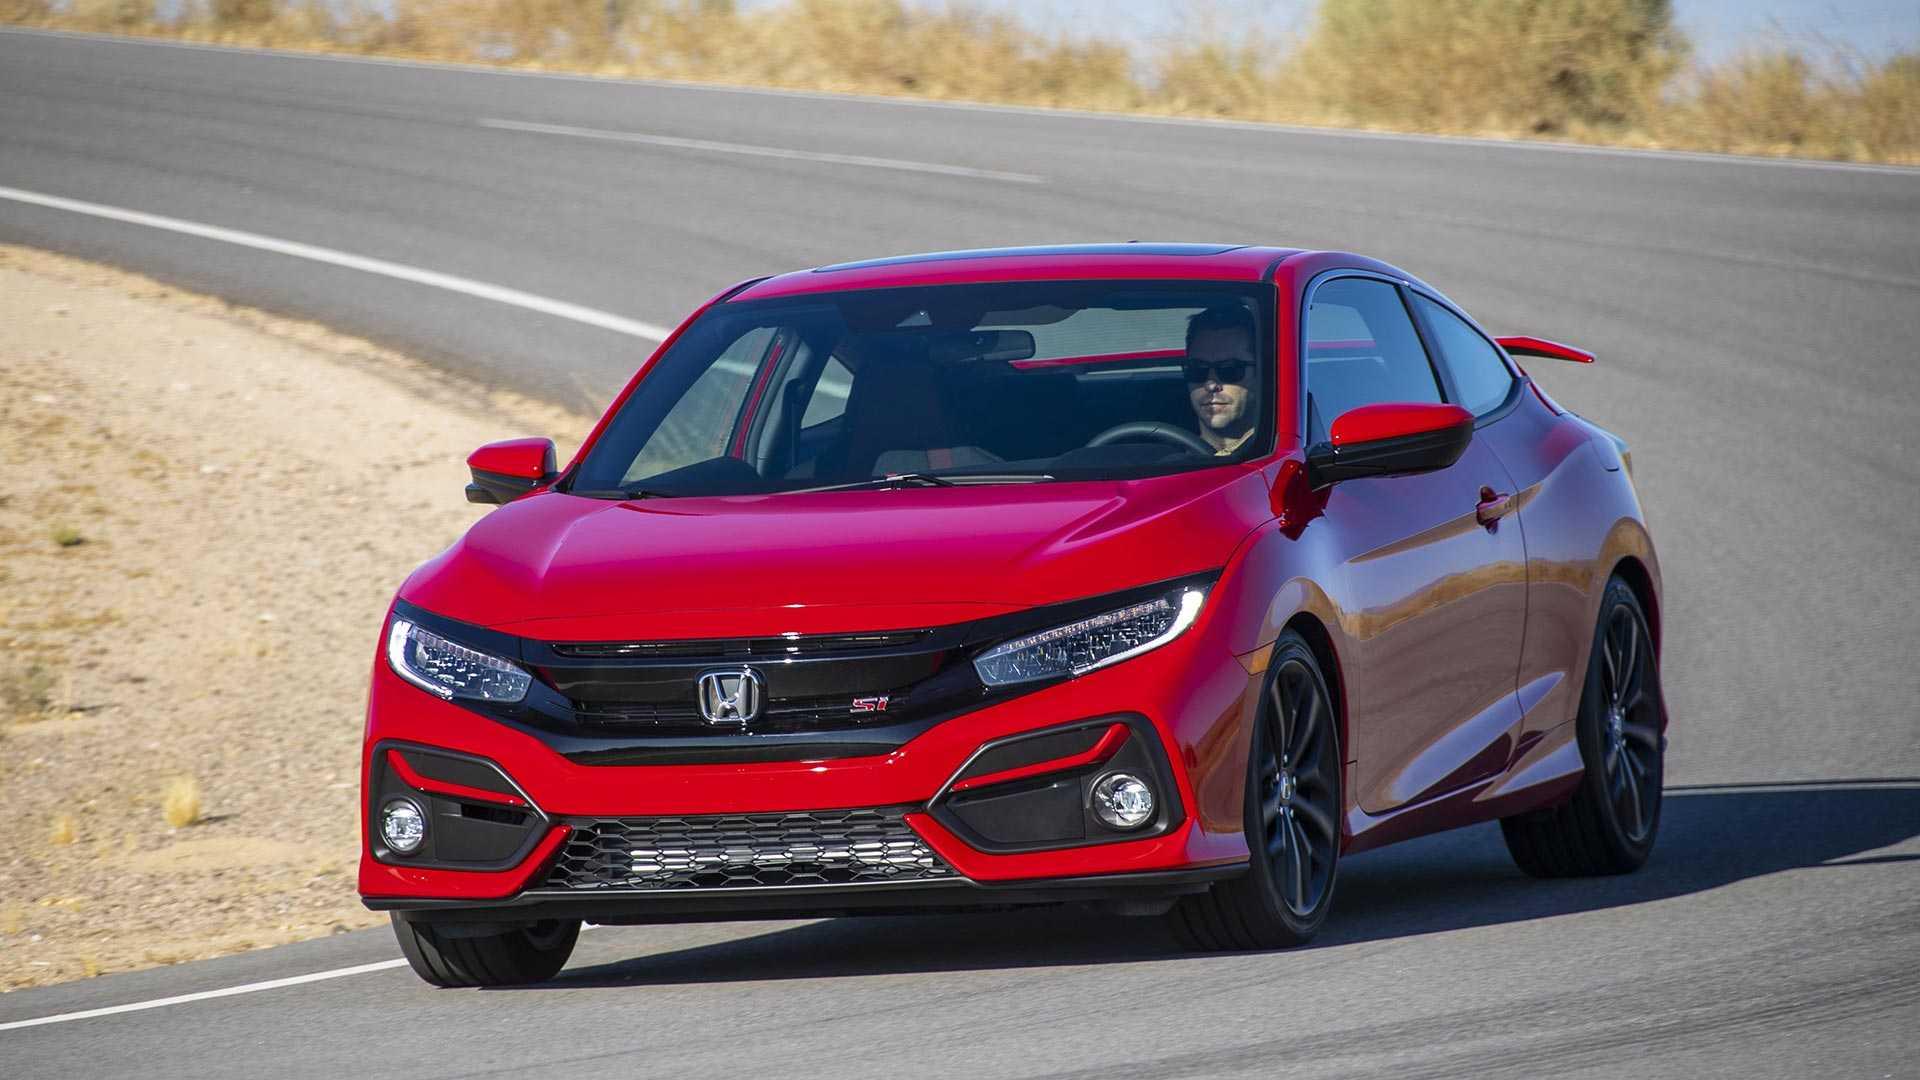 Khám phá Honda Civic Si 2020 phiên bản thể thao - 08